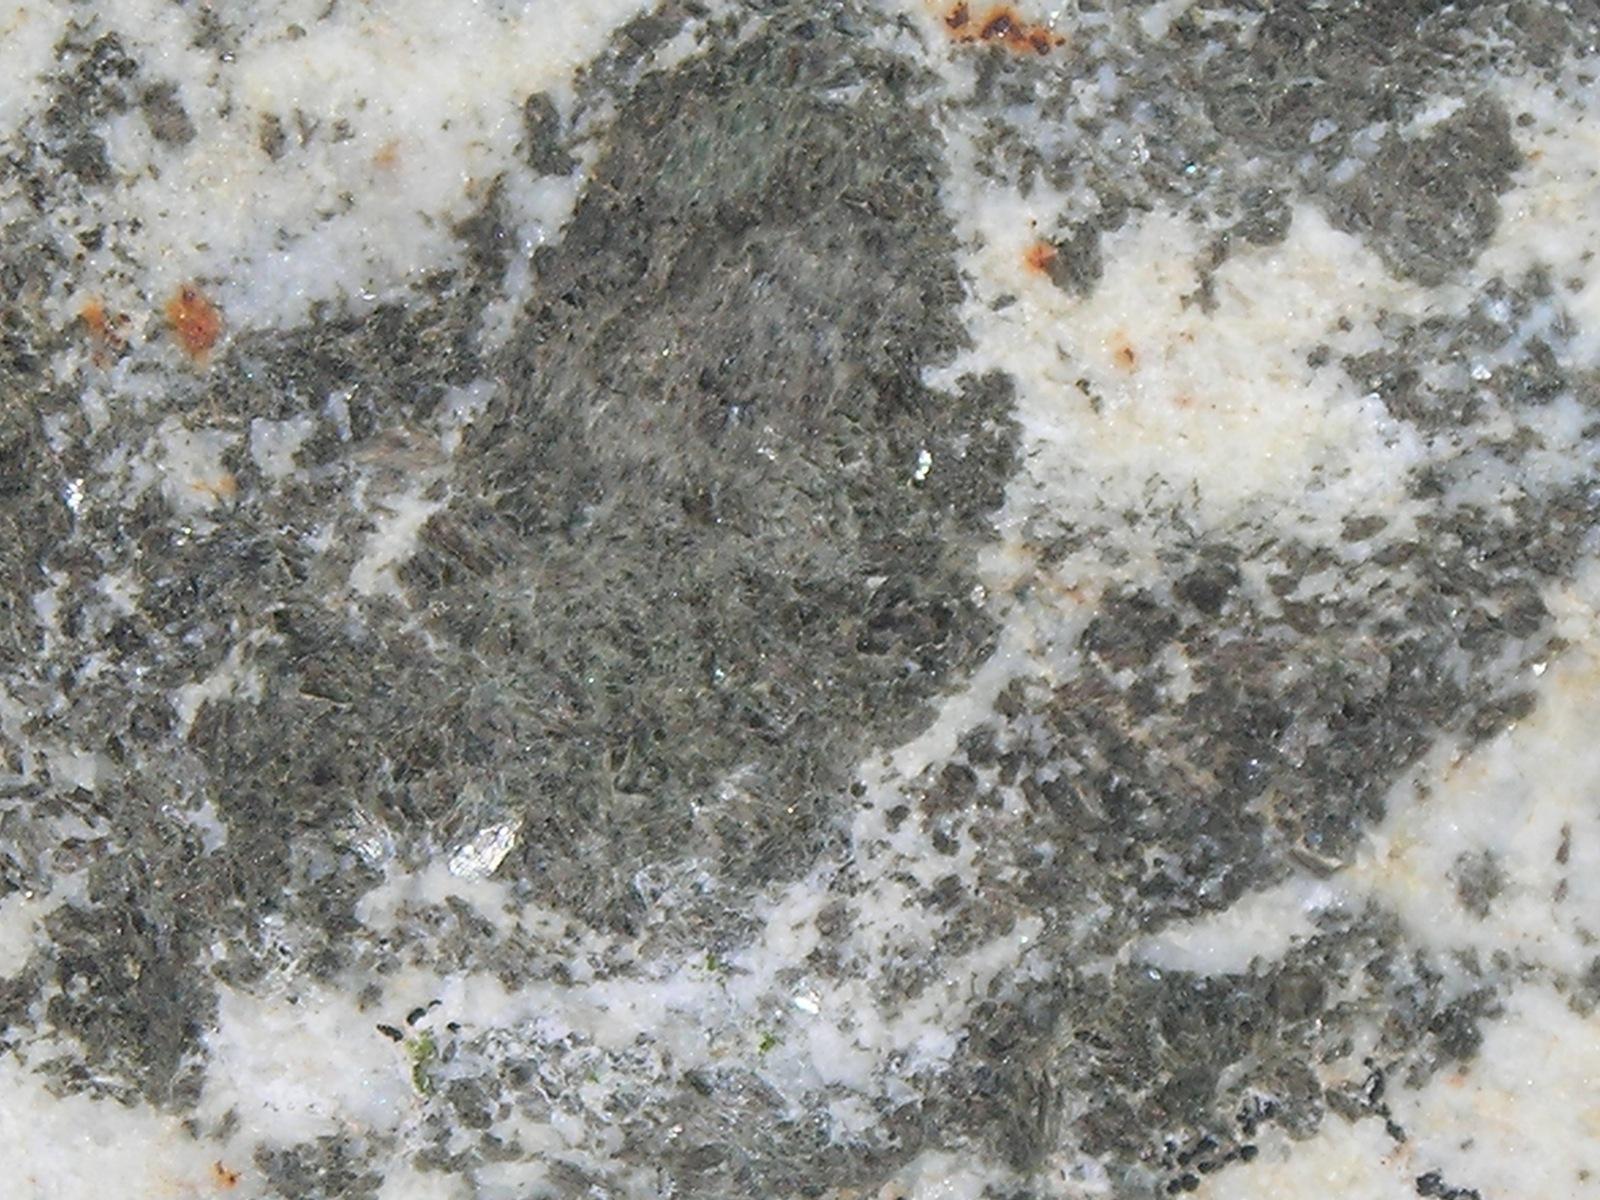 Suiseki--Decorative Rock Specimen